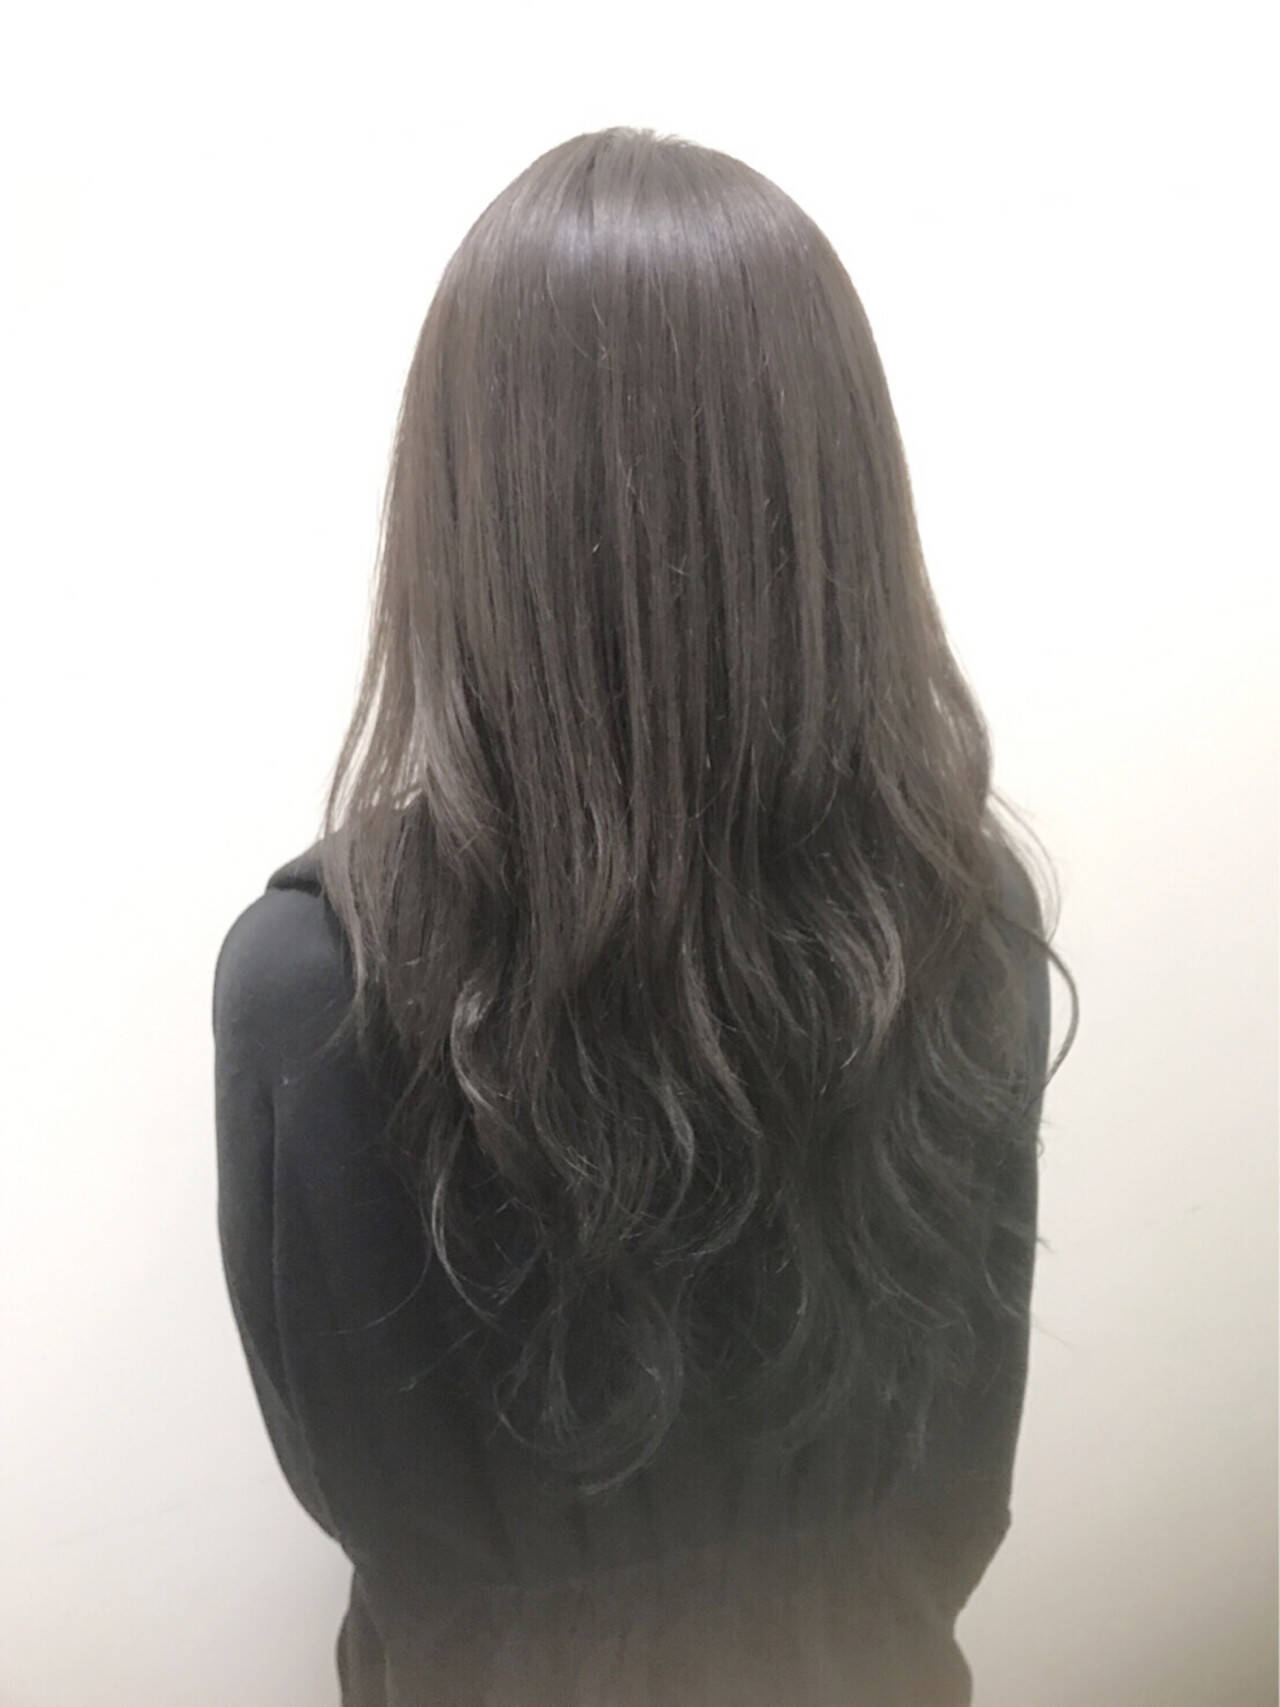 渋谷系 ネイビー 外国人風 暗髪ヘアスタイルや髪型の写真・画像